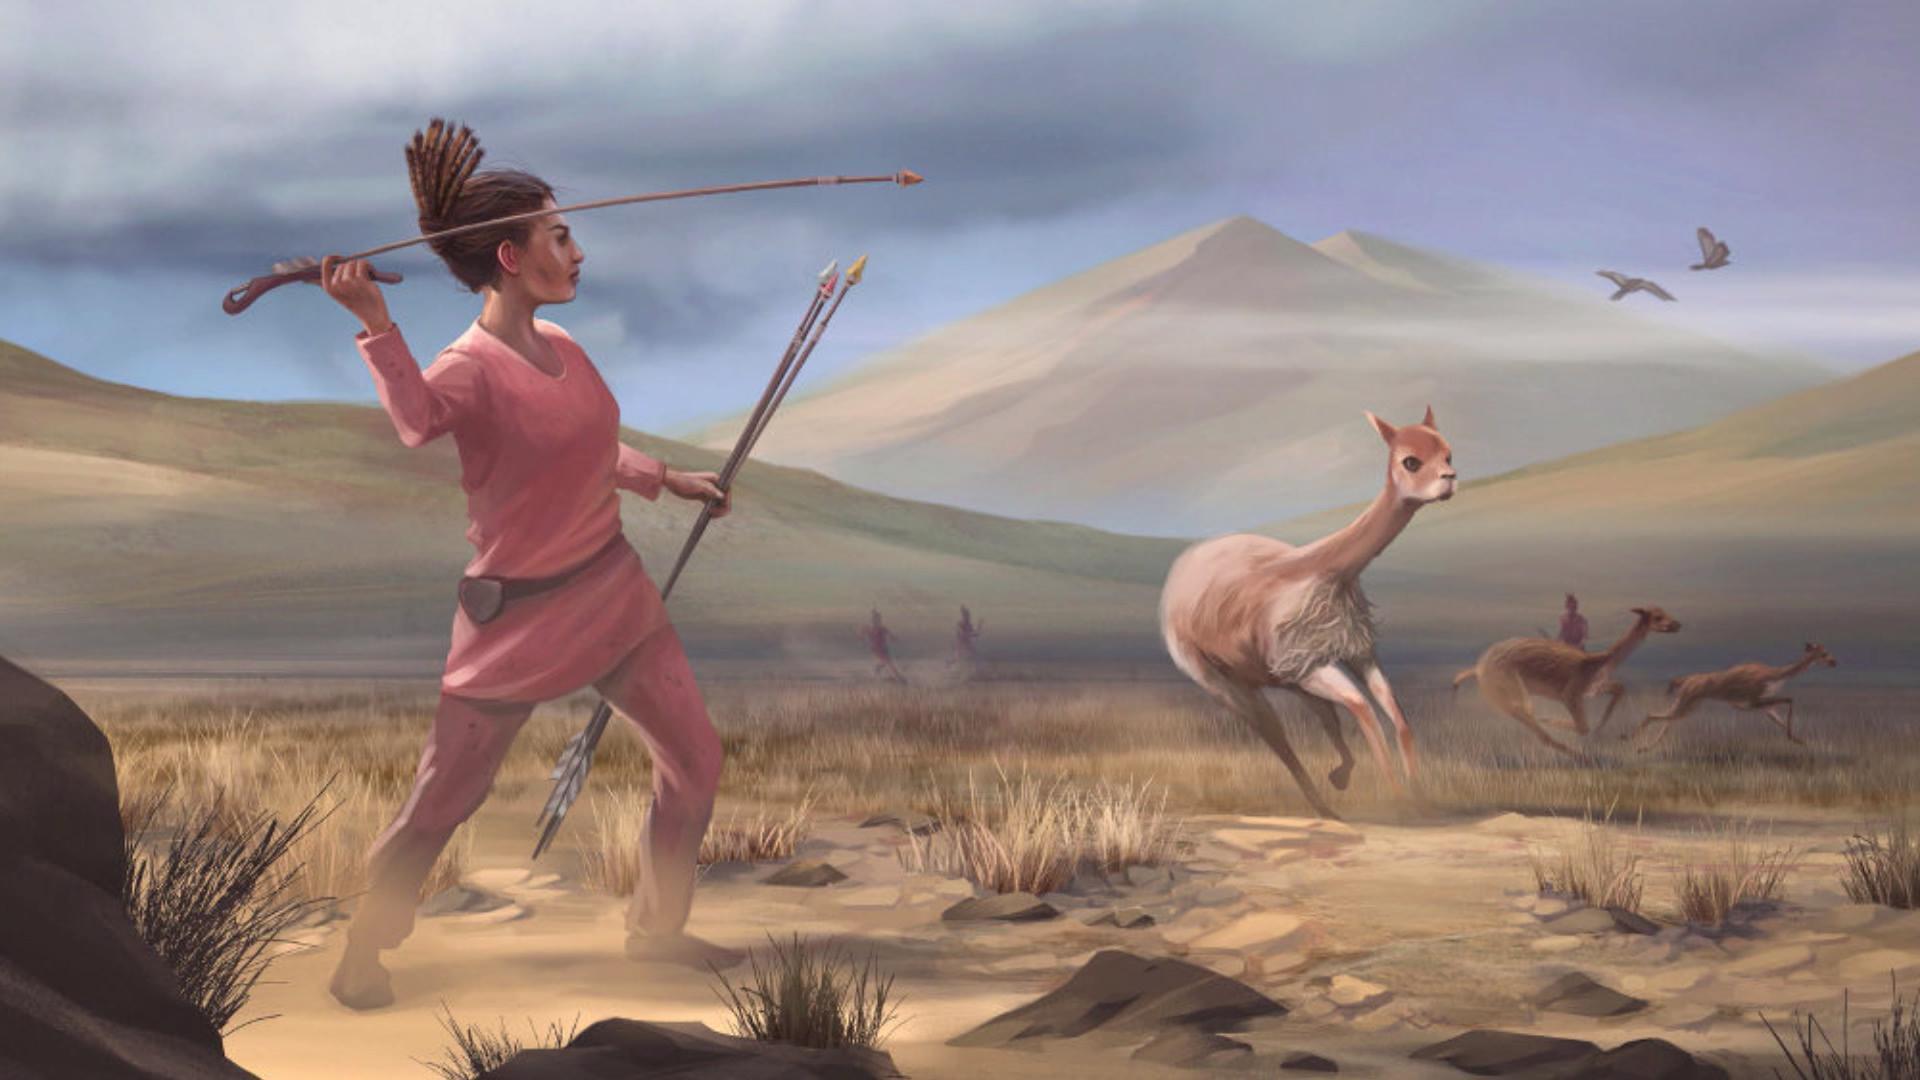 رسم تخيلي لفتاة في البيرو تصيد قبل 9000 سنة